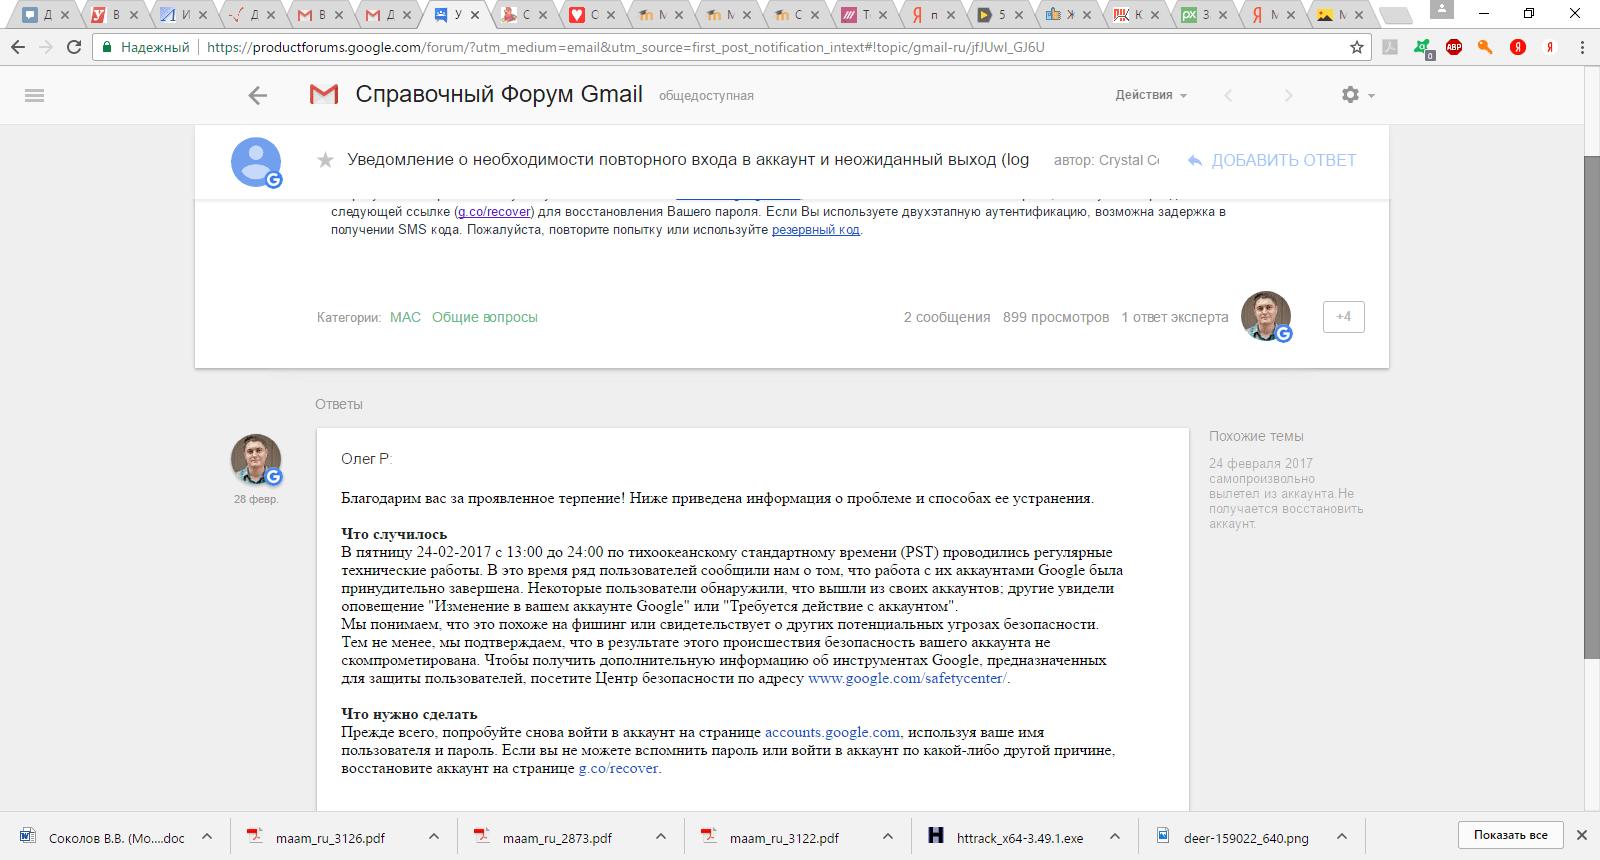 Сообщение на форуме Гугл о техническом сбое